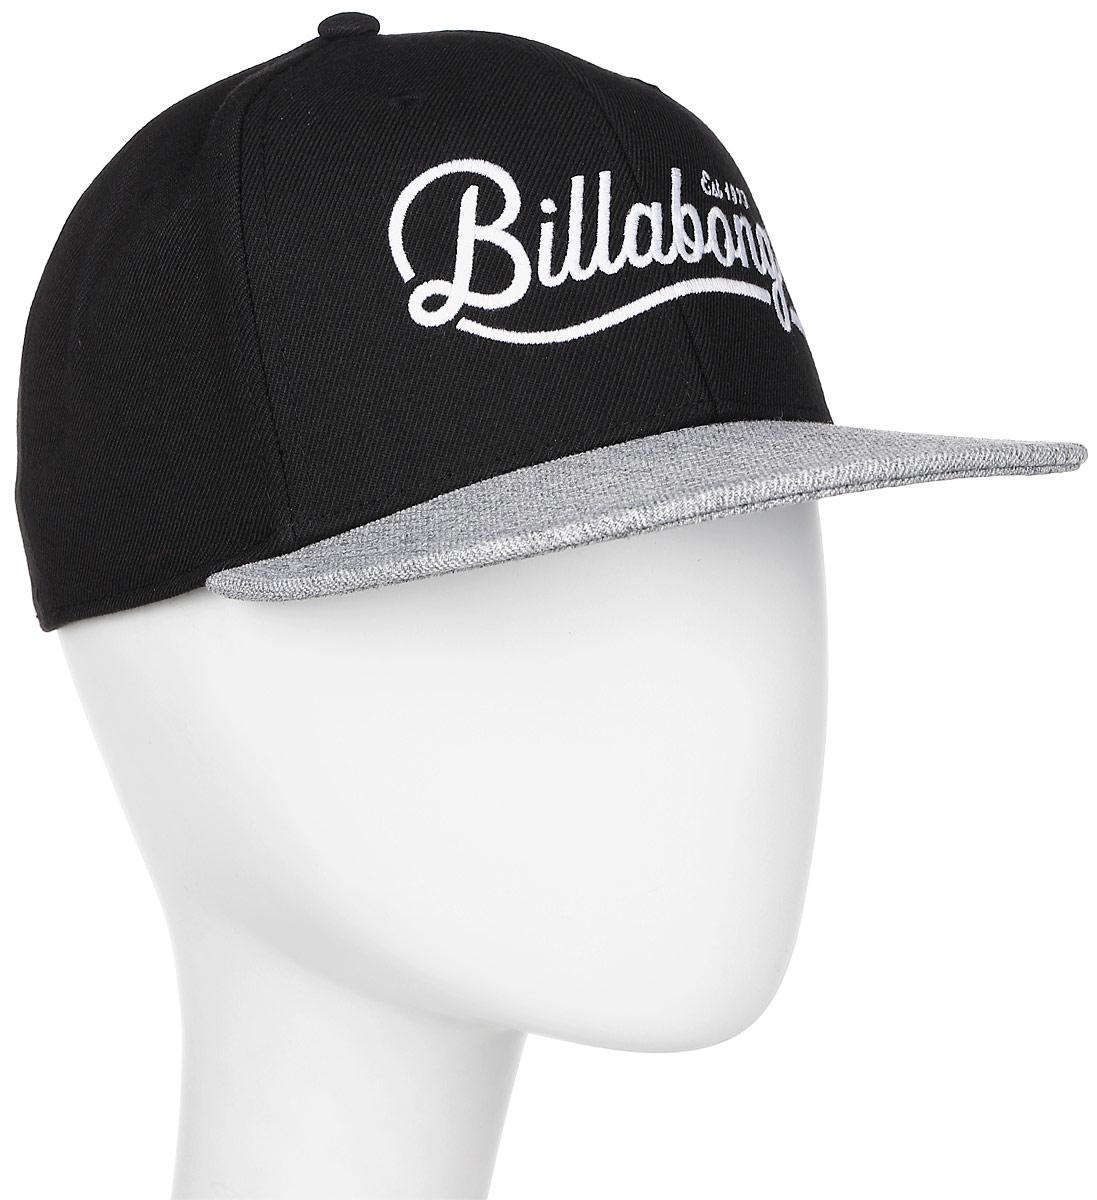 Бейсболка Billabong Varsity Fitted, цвет: черный, серый. 3607869368905. Размер M/L (54/57) демонстрационная доска rocada 6100 пробковая 40x60см сосновая рама